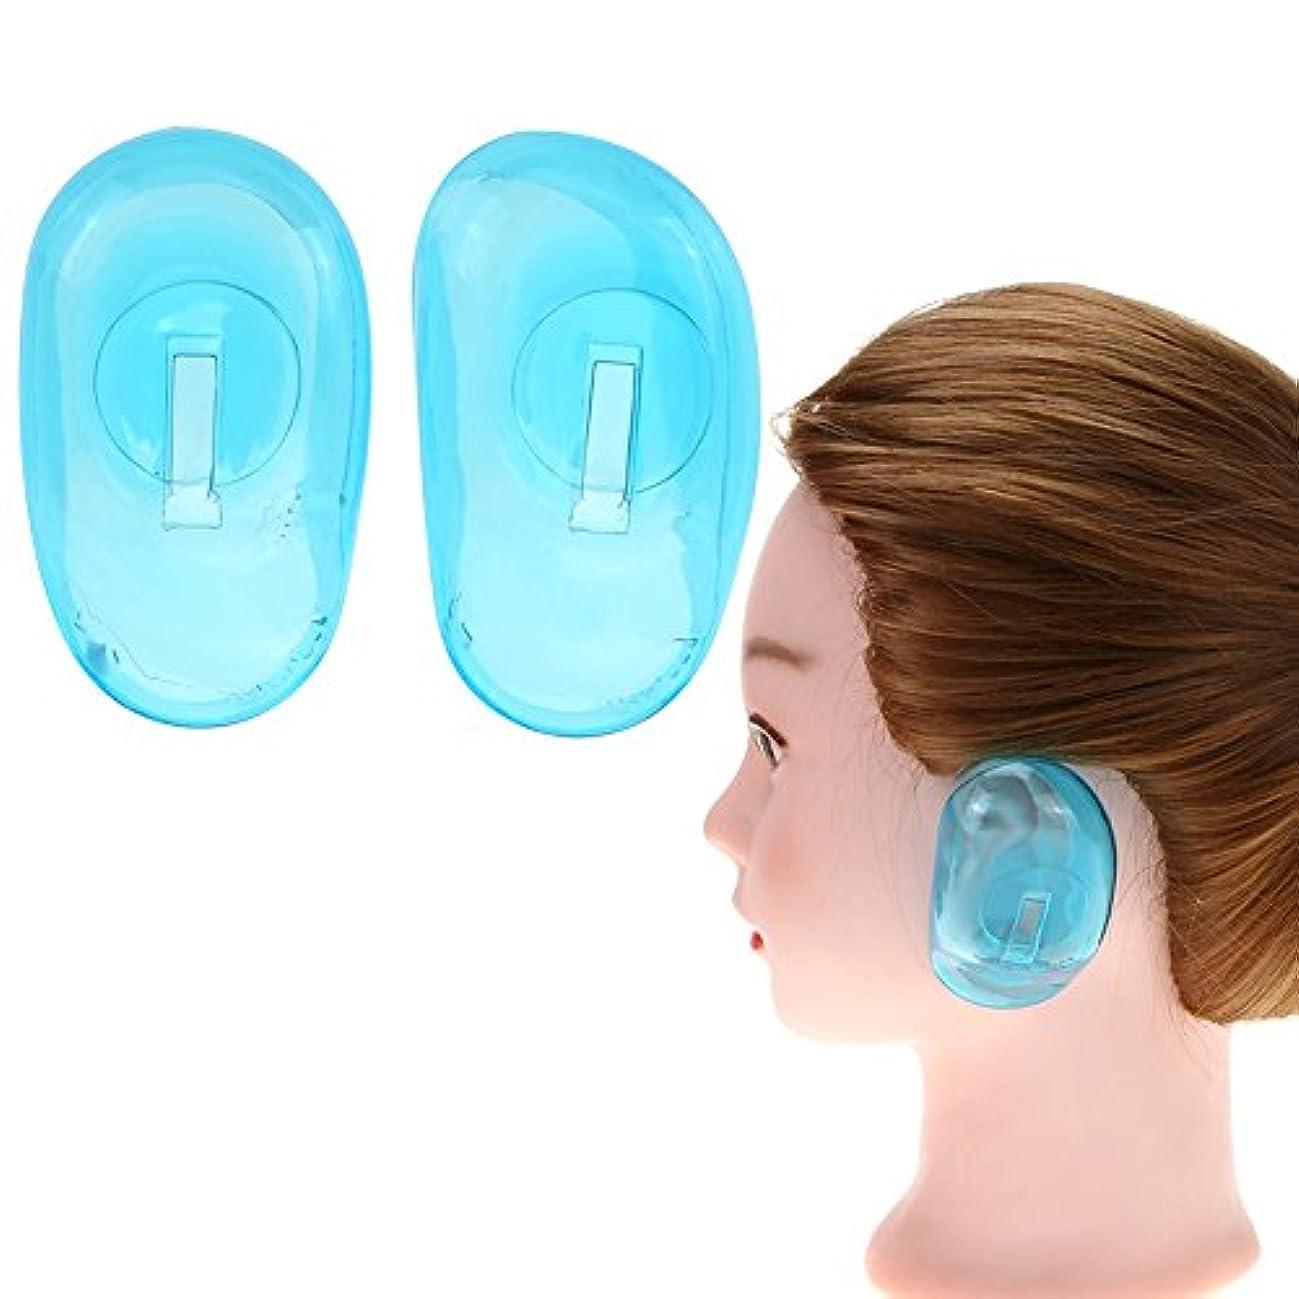 色合いコンピューターを使用する小包Ruier-tong 1ペア耳カバー 毛染め用 シリコン製 耳キャップ 柔らかいイヤーキャップ ヘアカラー シャワー 耳保護 ヘアケアツール サロン 洗える 繰り返す使用可能 エコ 8.5x5cm